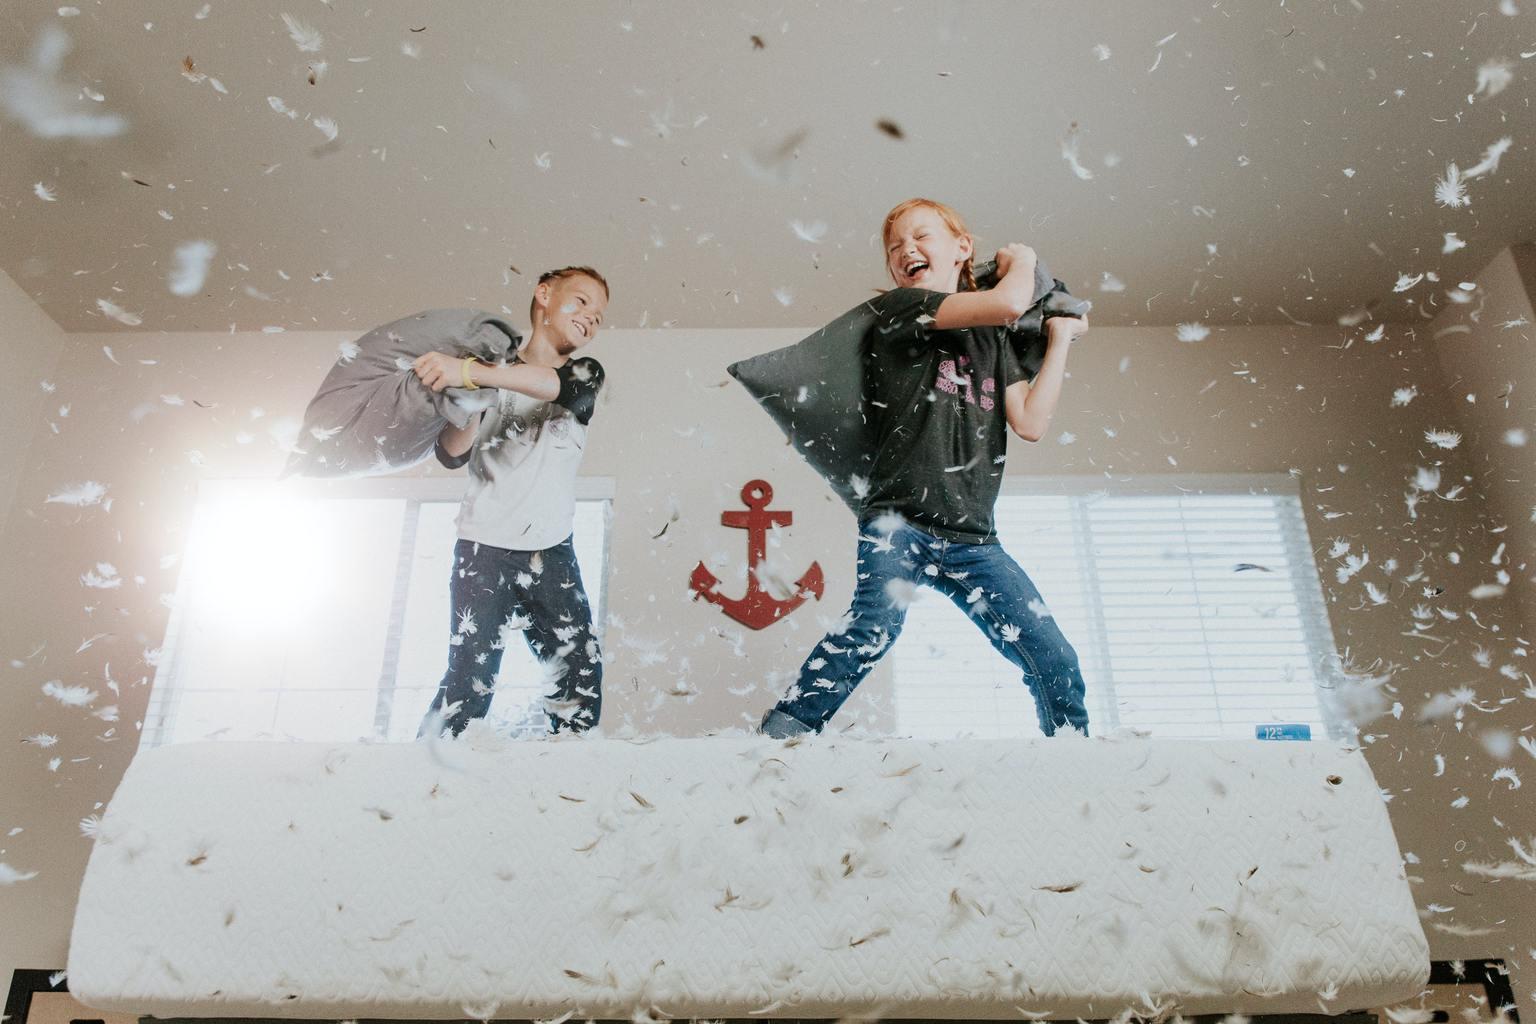 Fotografía que captura el movimiento de niños divirtiéndose con una guerra de almohadas